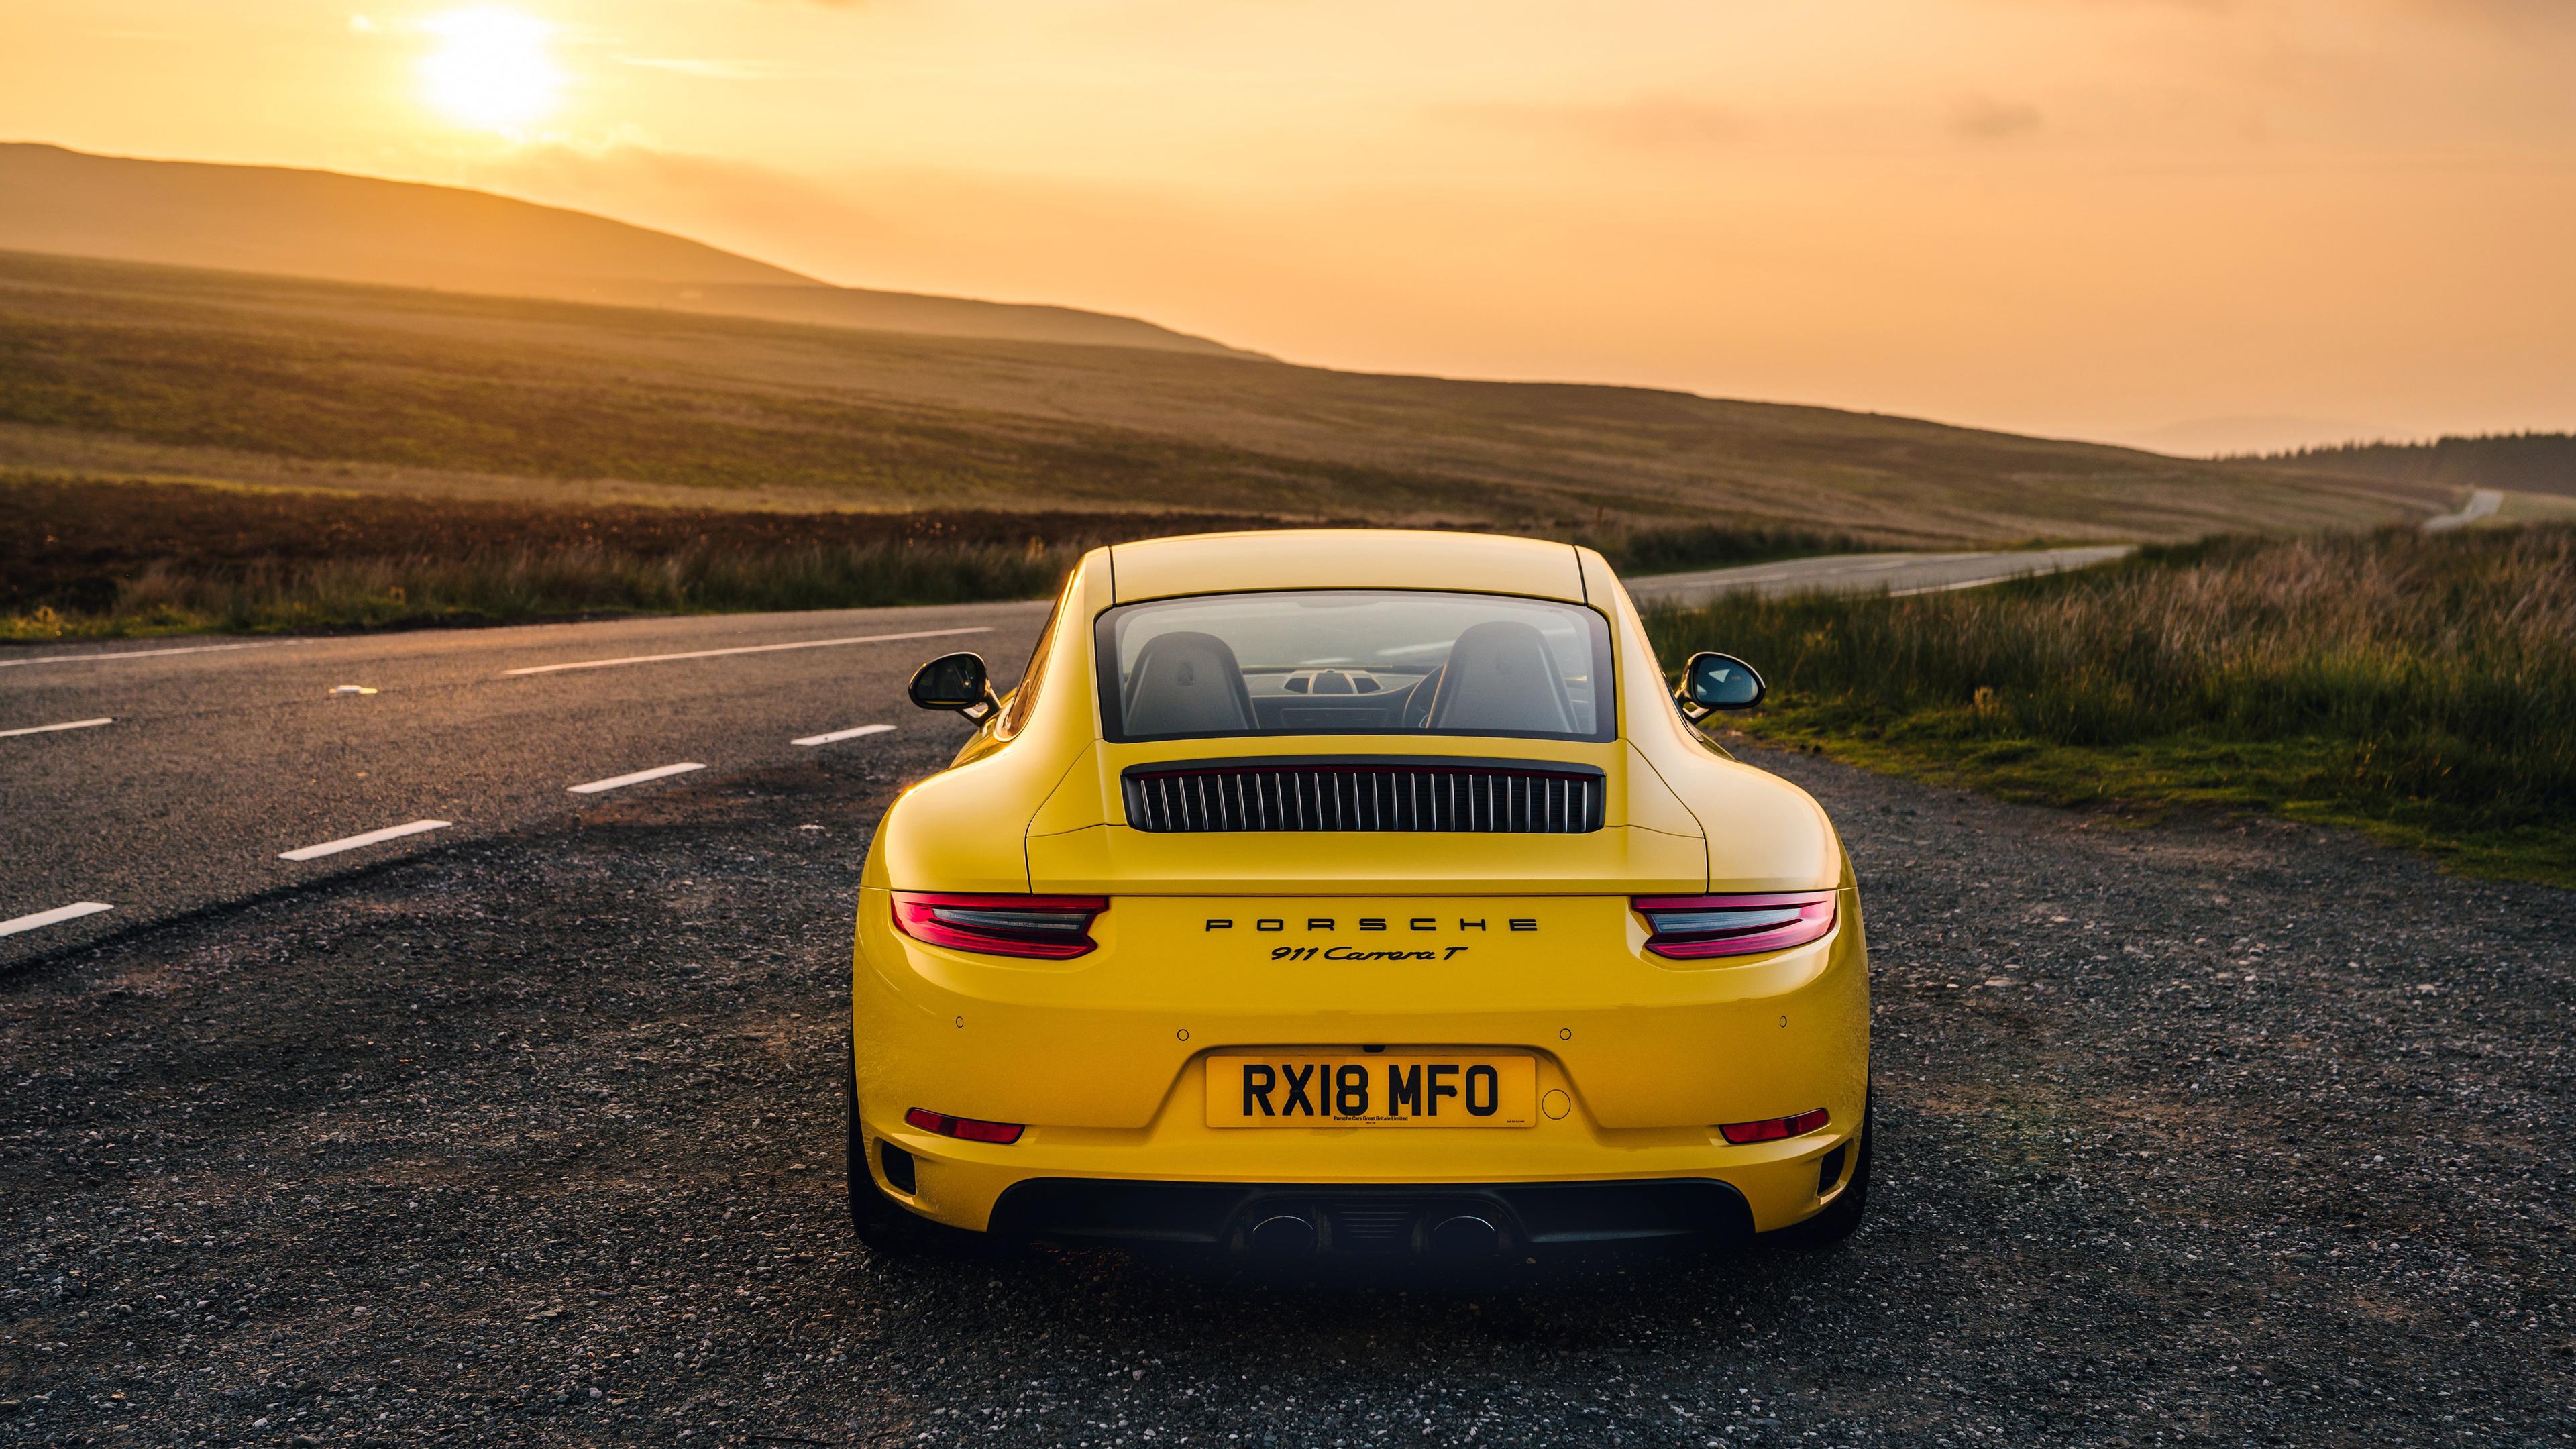 2018 porsche 911 carrera t coupe rear 1539113176 - 2018 Porsche 911 Carrera T Coupe Rear - porsche wallpapers, porsche 911 wallpapers, hd-wallpapers, hd wallpapers2018 cars wallpapers, cars wallpapers, 4k-wallpapers